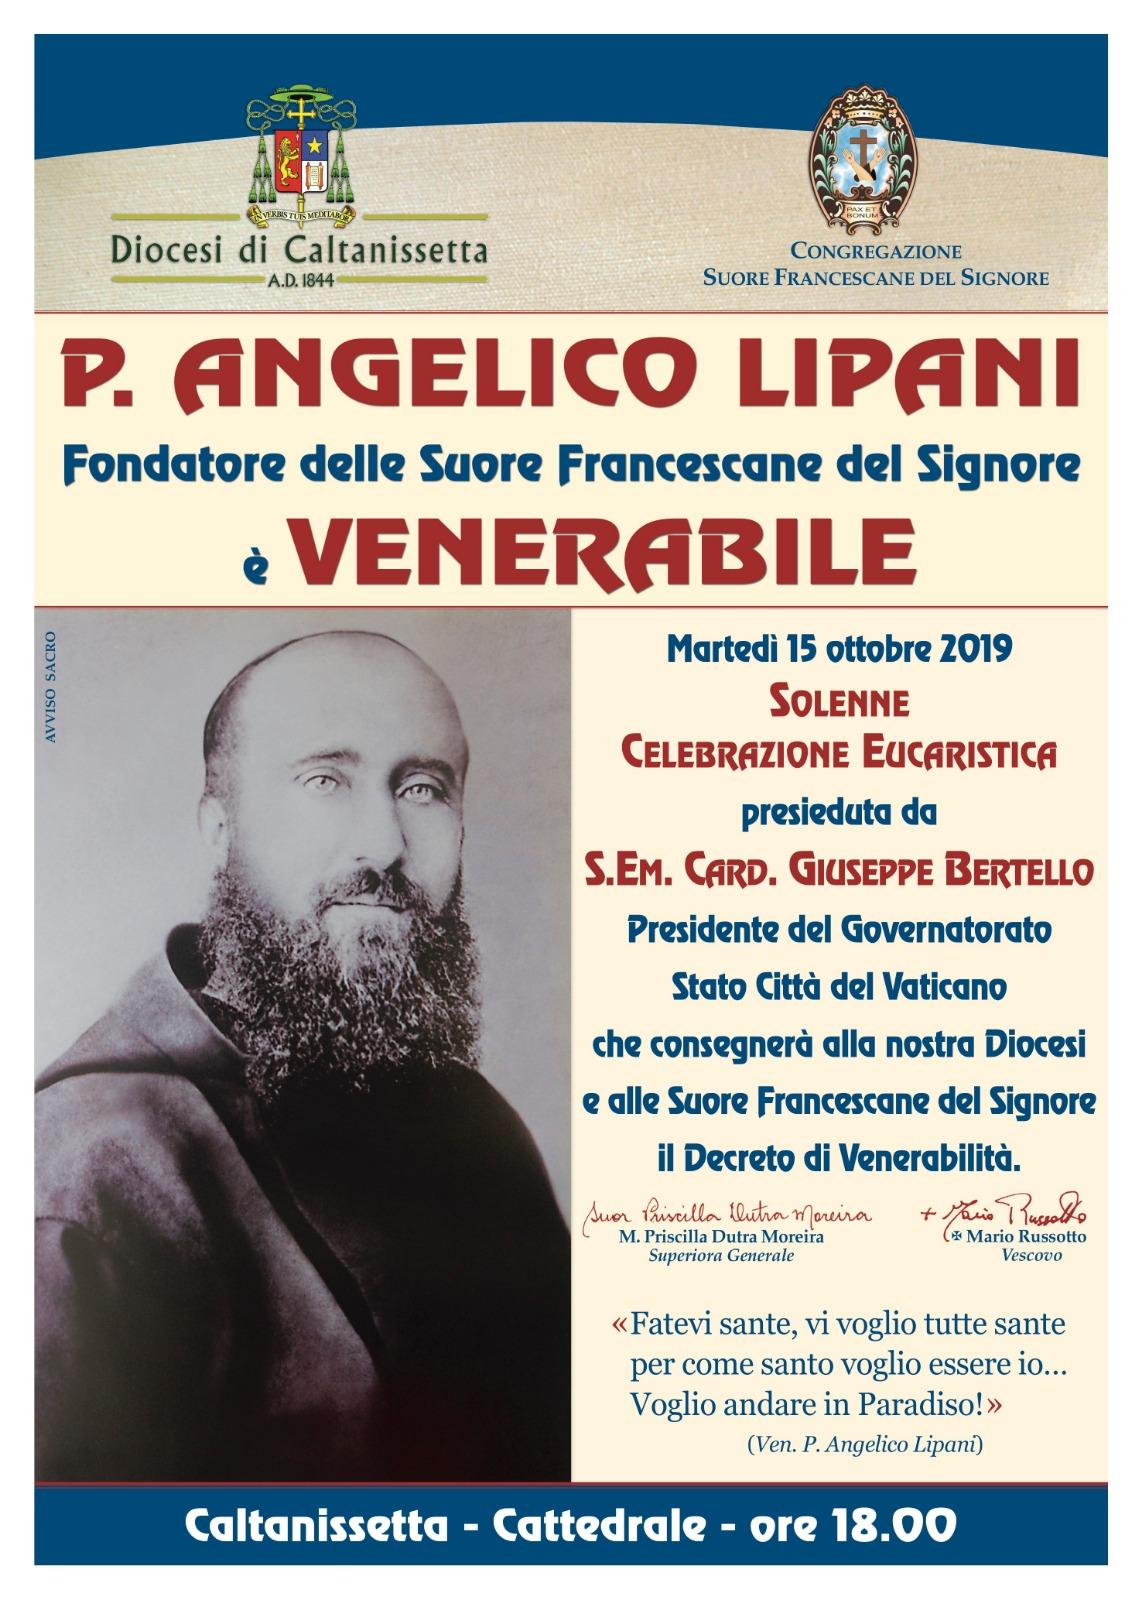 PADRE ANGELICO LIPANI VENERABILE